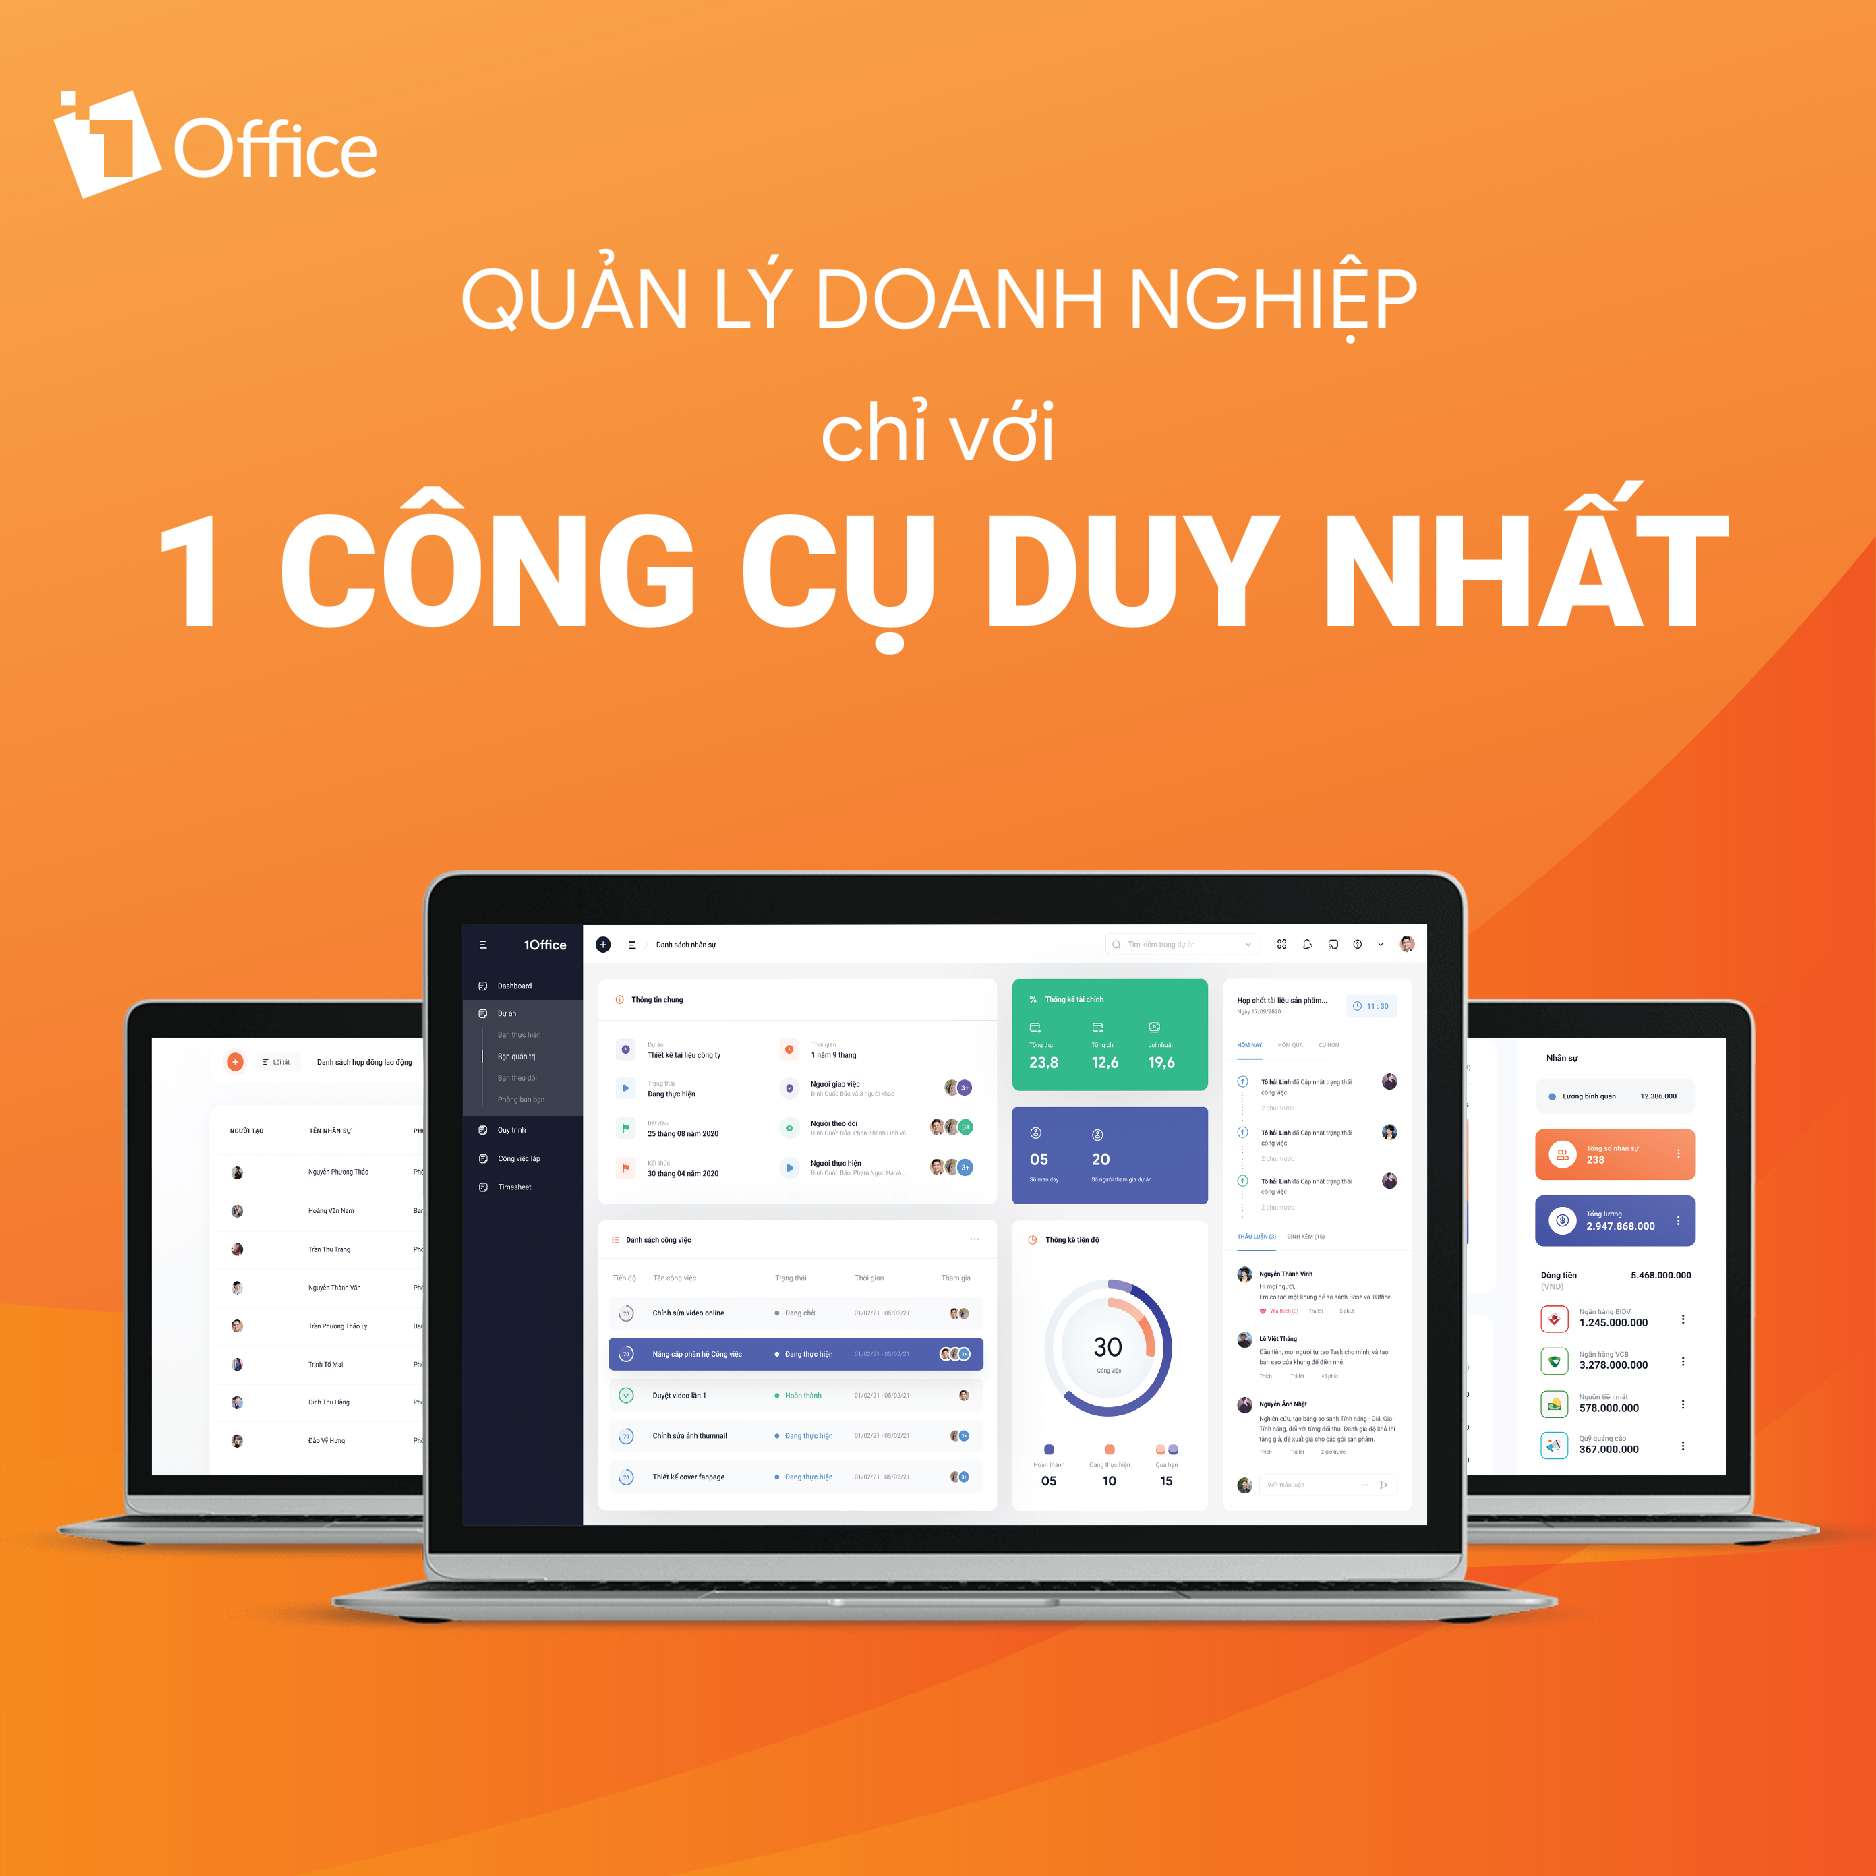 1Office là phần mềm được quan tâm nhiều trên mạng